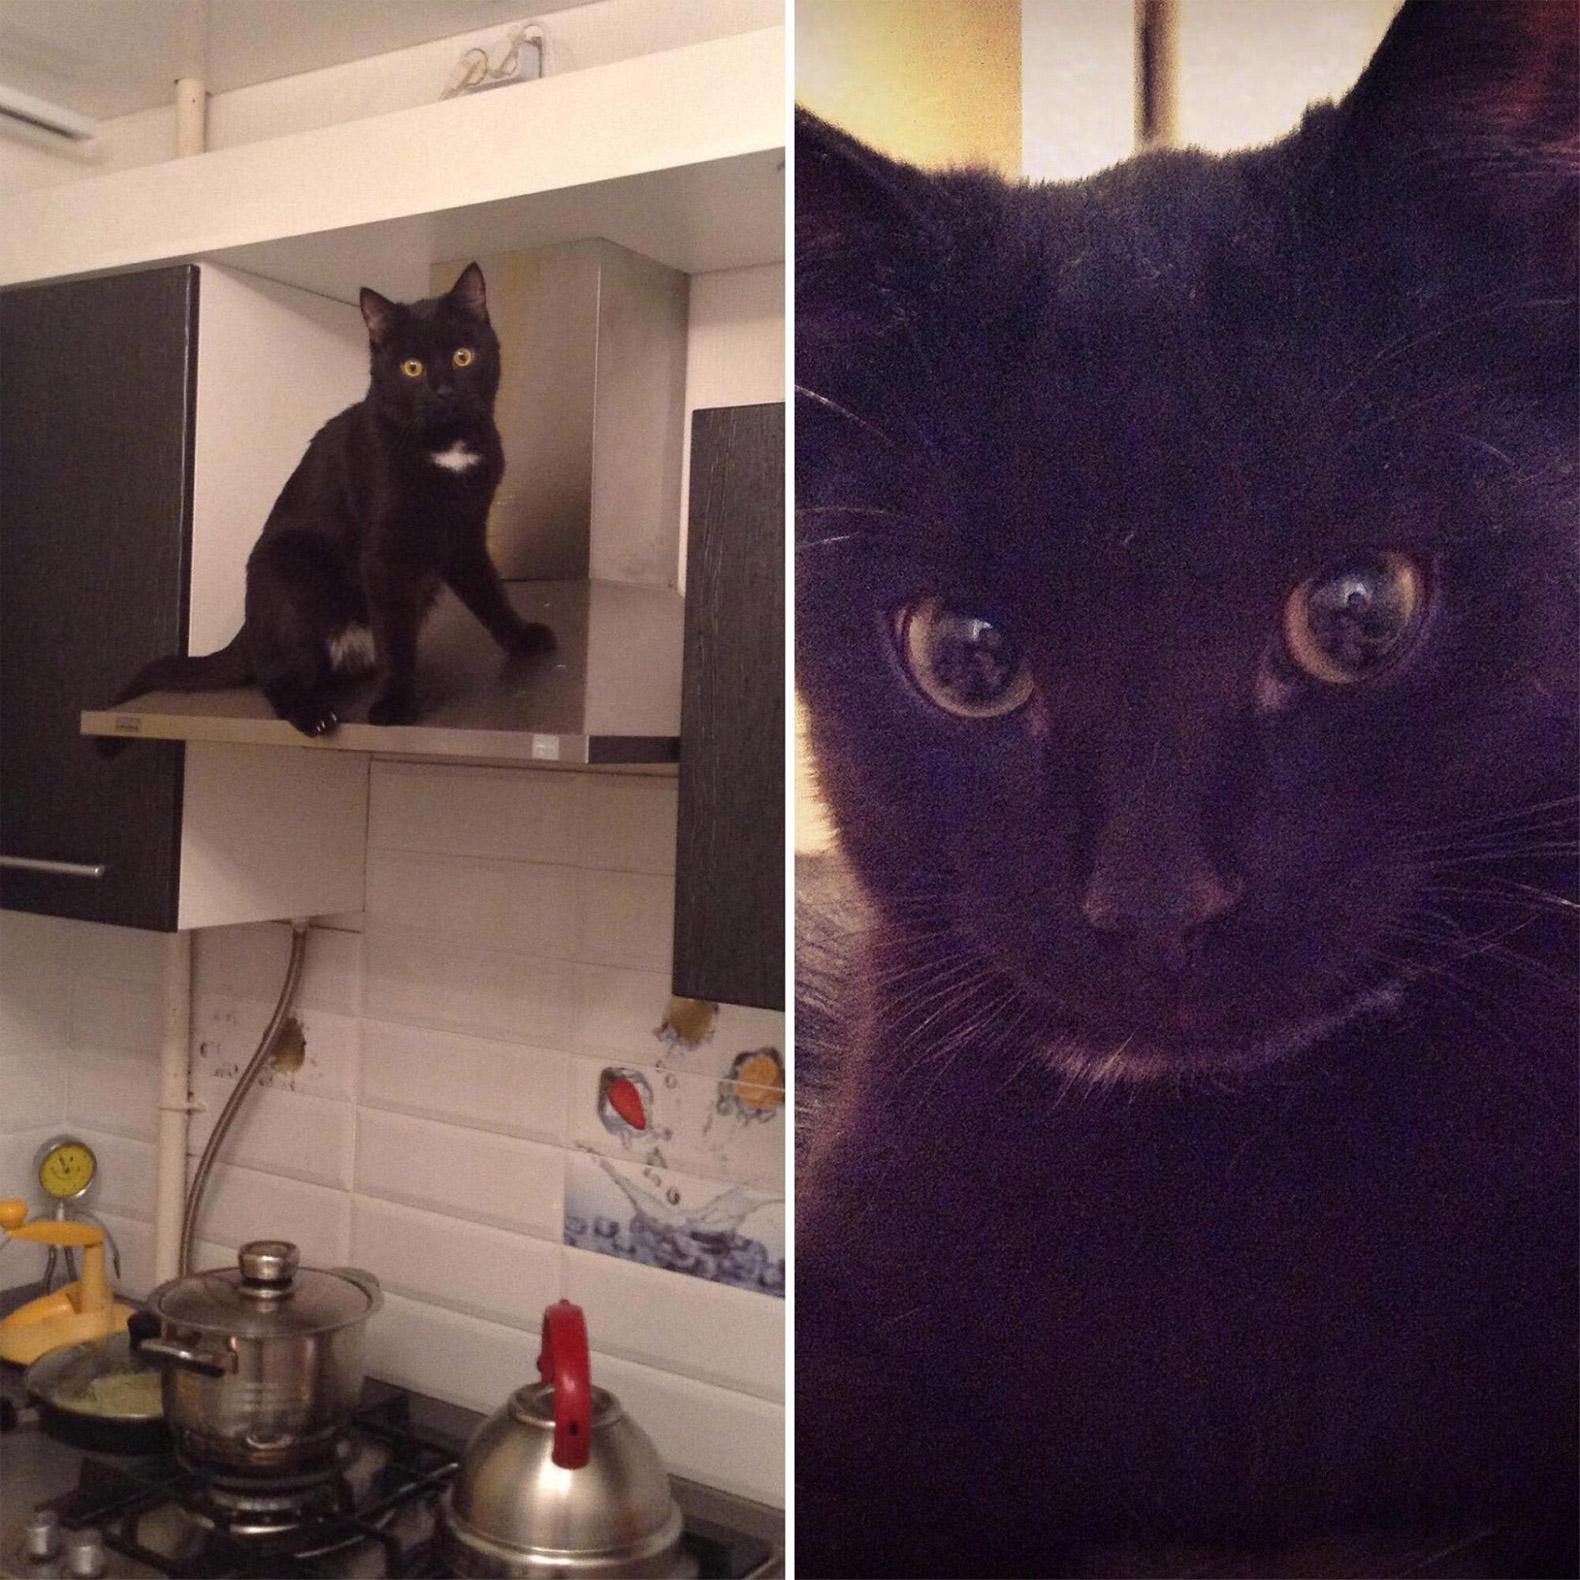 Чтобы вызвать доверие хозяина квартиры, покажите фотографии животных